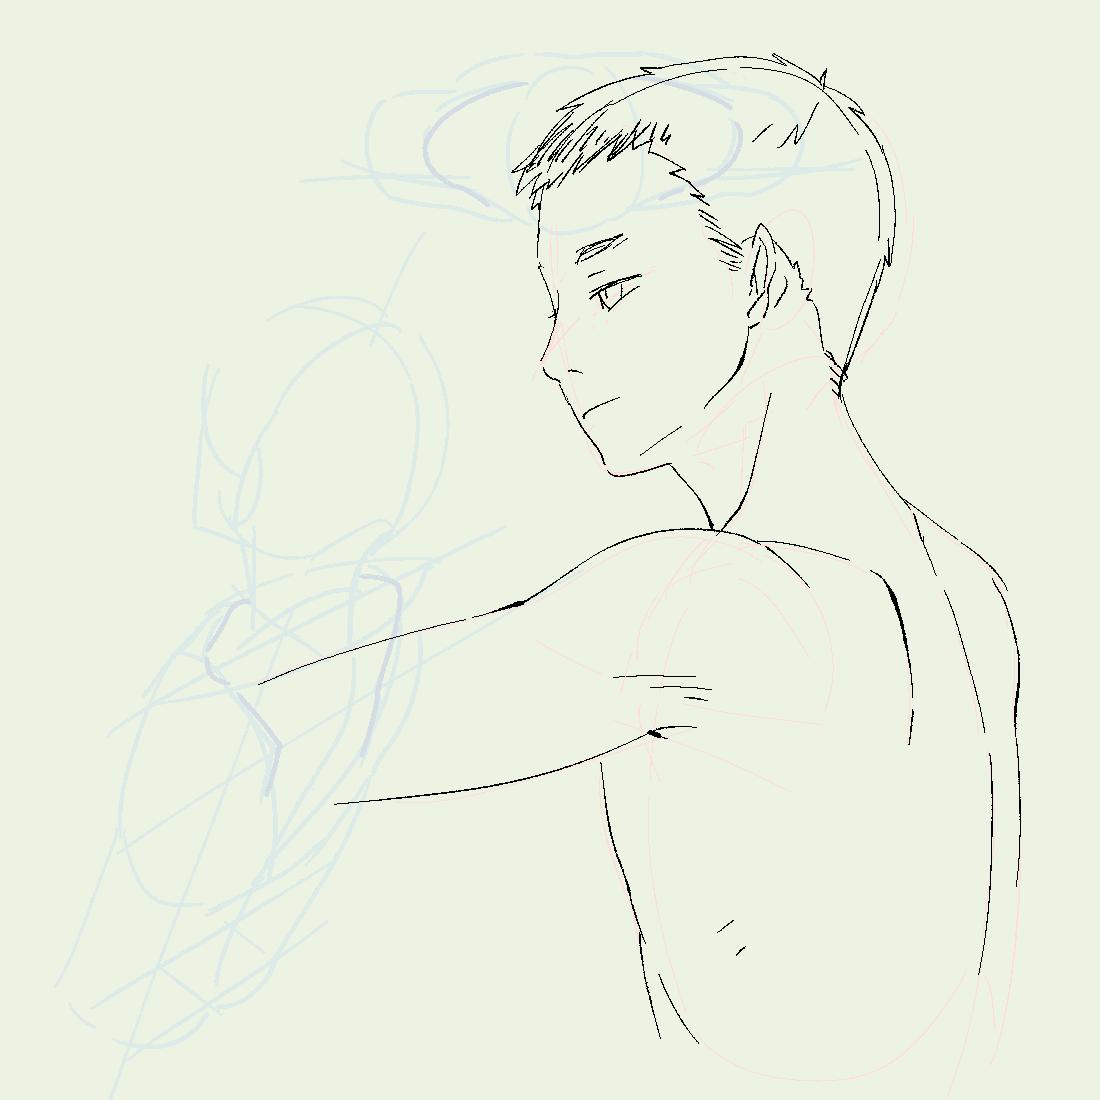 鎖骨と肩甲骨って繋がってるから、腕あげたらここがくぼむって確認しながら描いたら全然違うとこ確認してた